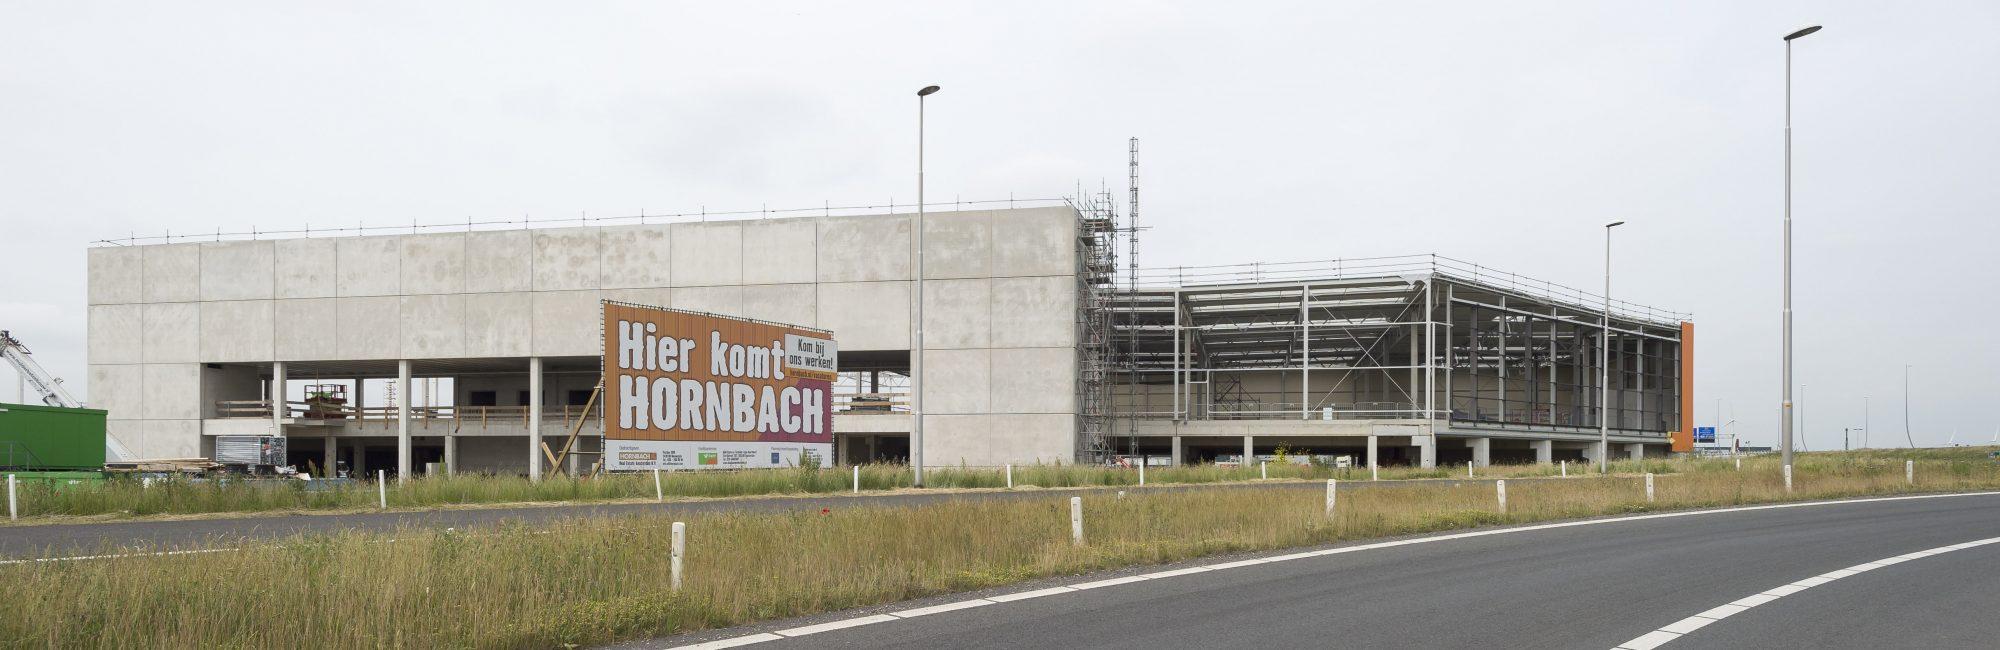 AMSTERDAM - Bouw van de Hornbach vestiging in Amsterdam